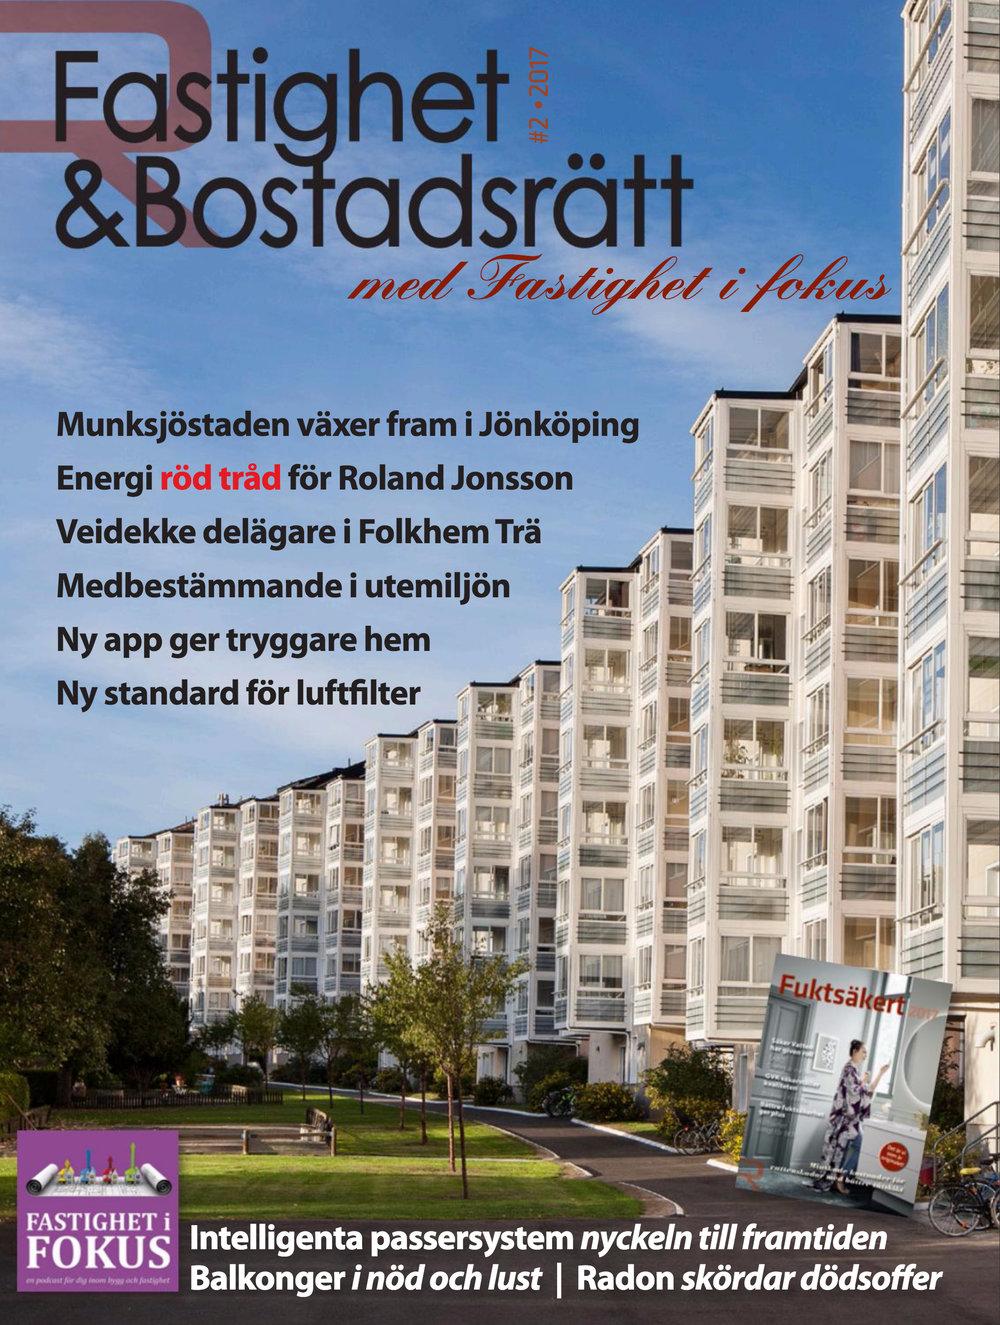 Fastighet och Bostadsratt nr2_2017_cover.jpg